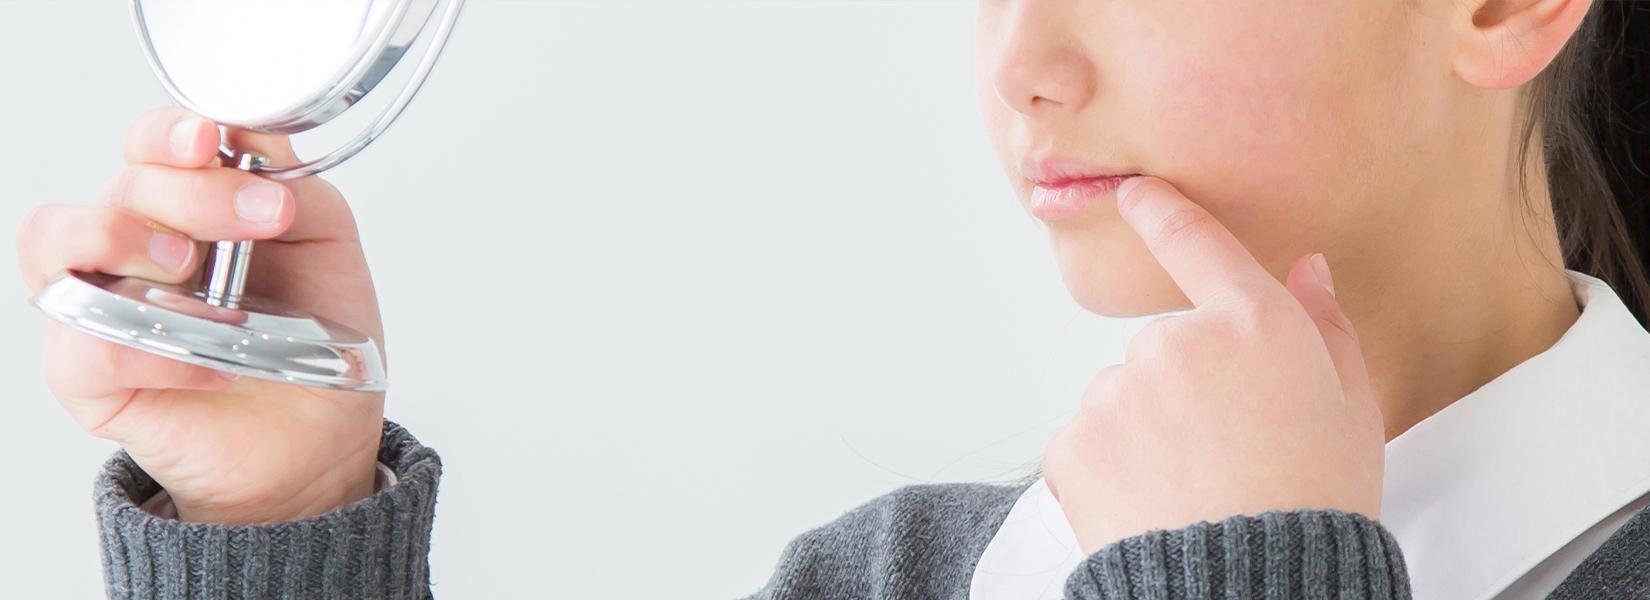 叢生(でこぼこ)を抜歯なしで矯正する方法